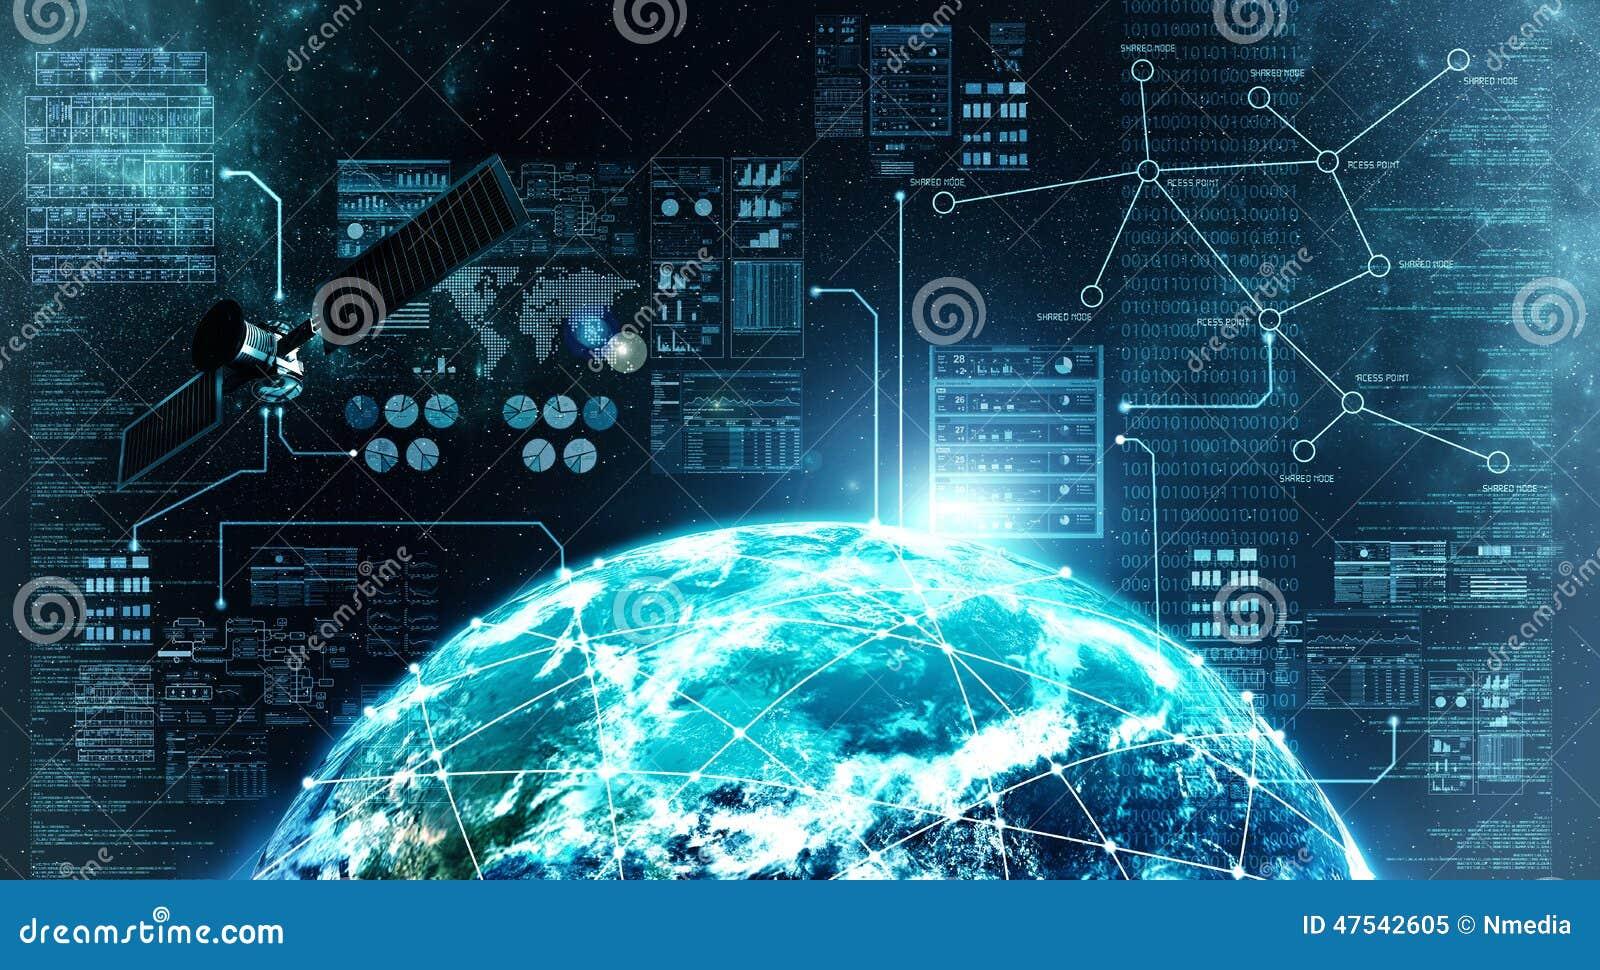 Conexión a internet en espacio exterior